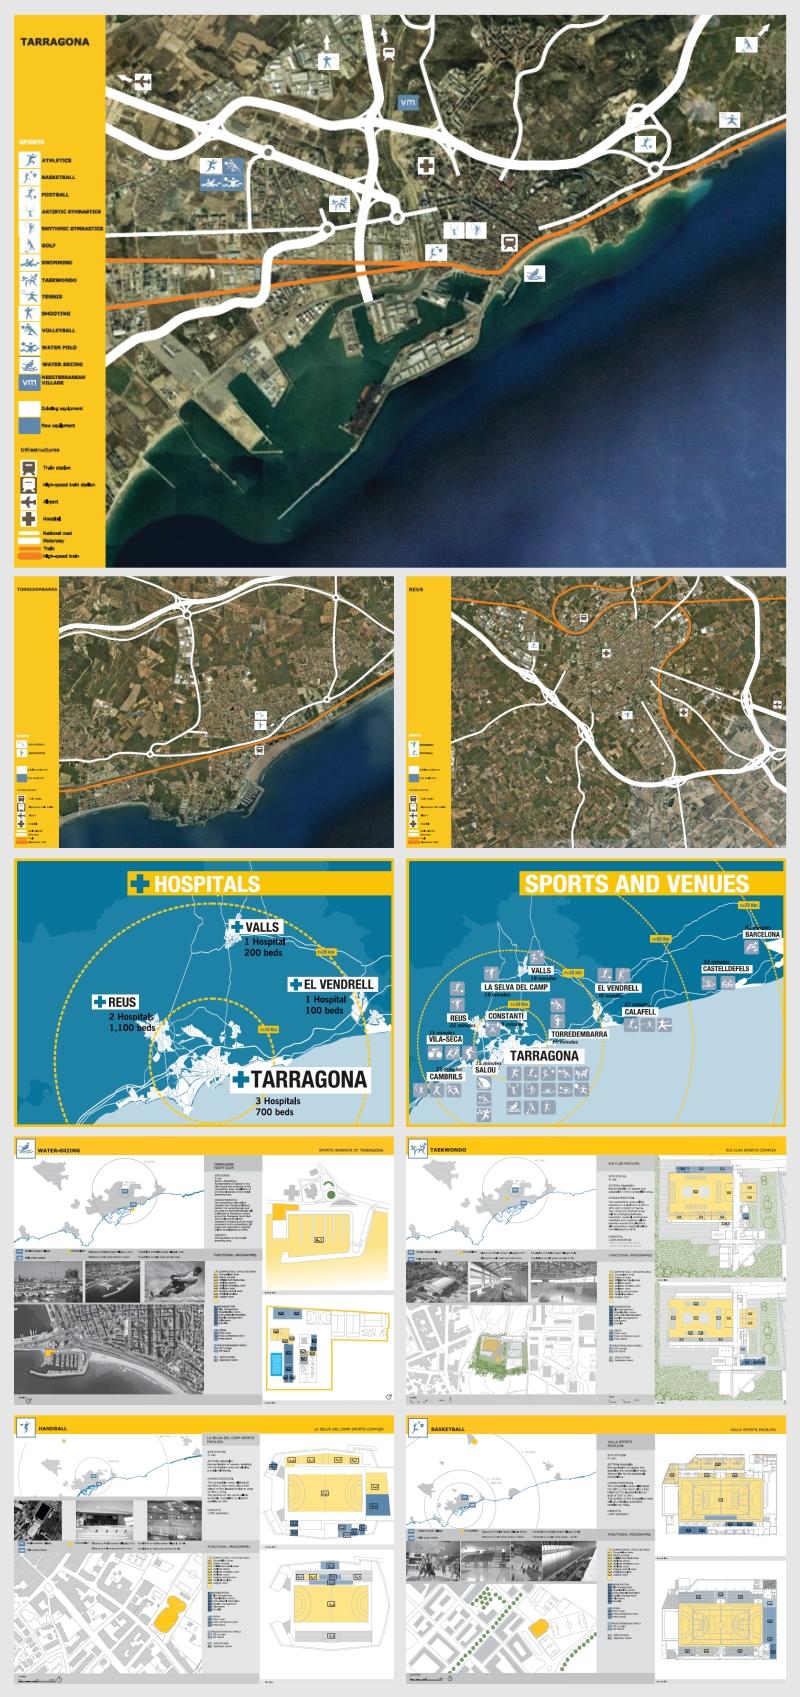 Ilustraciones para el Dossier de Candidatura realizado por Kico Uribe de Evolutt Studio para Tarragona 2017